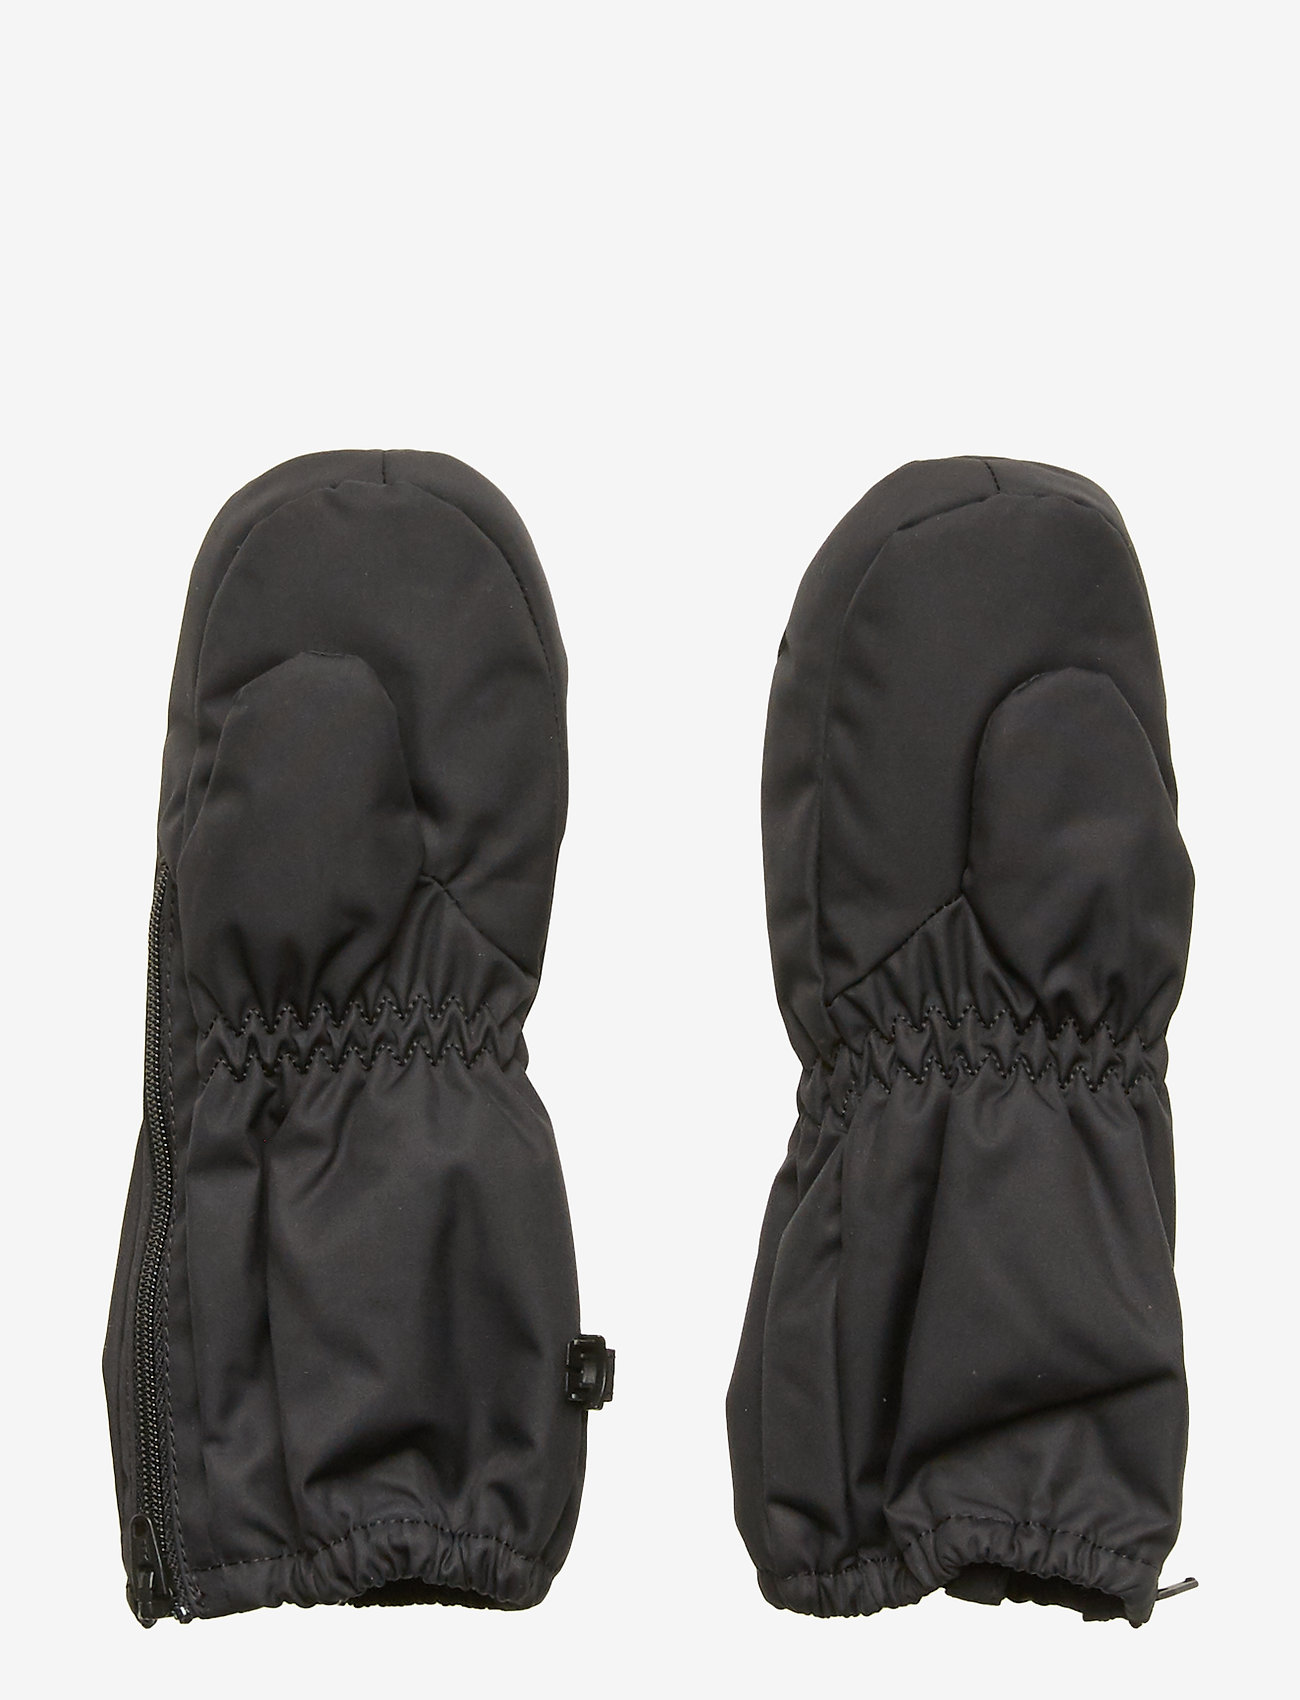 Reima - Tassu - hoeden & handschoenen - black - 1